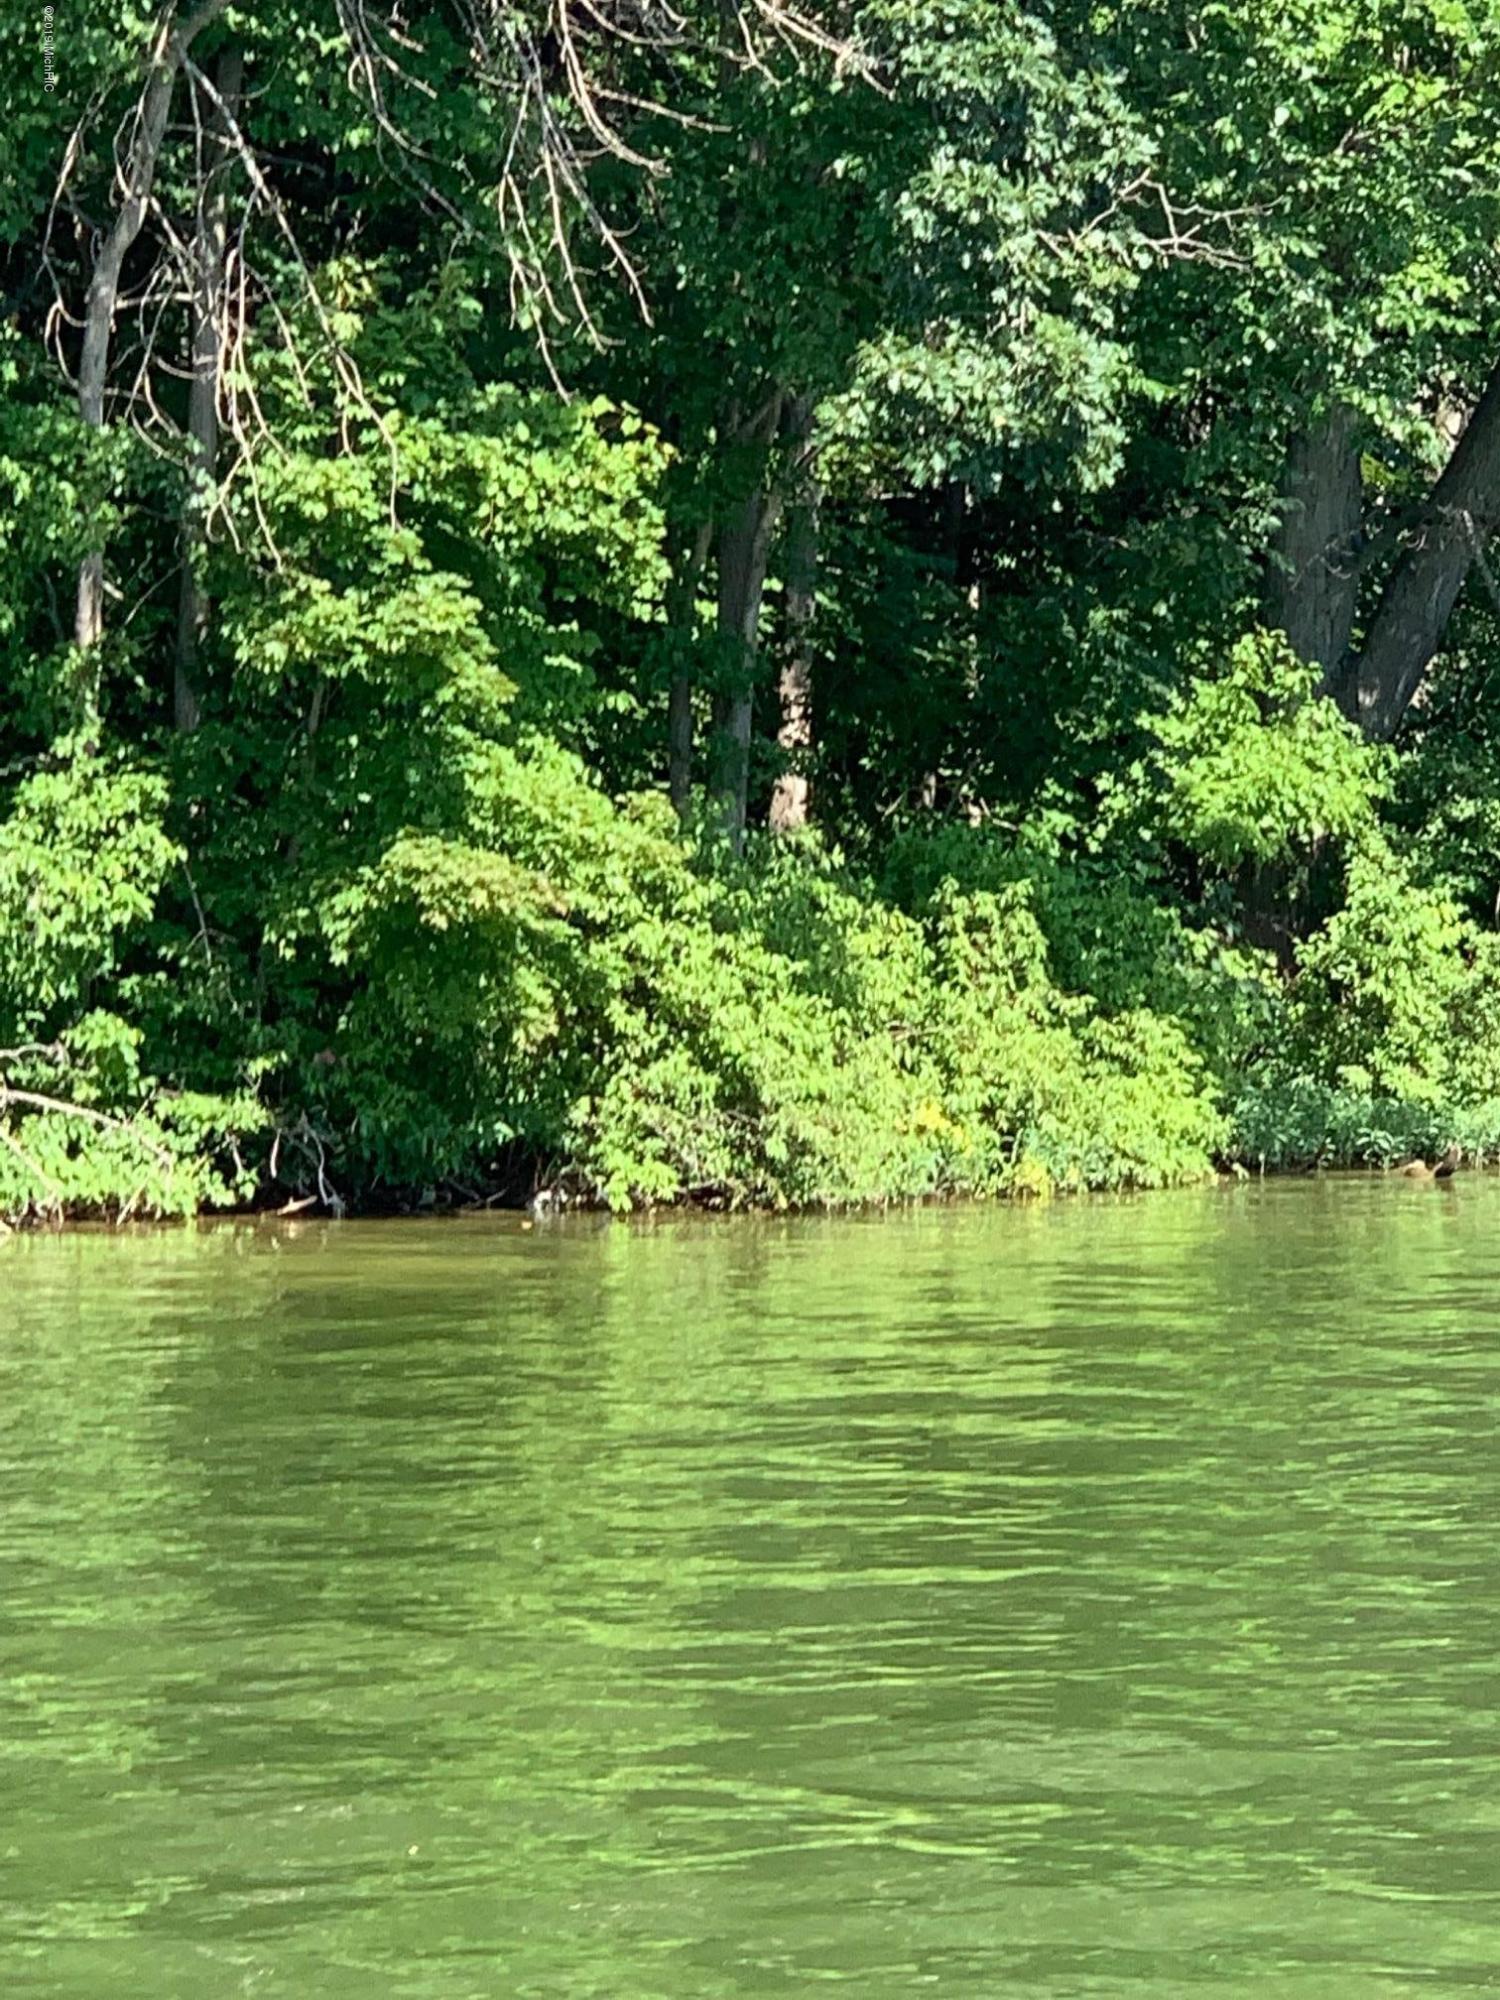 Gun Lake - 19.08.07 - 08